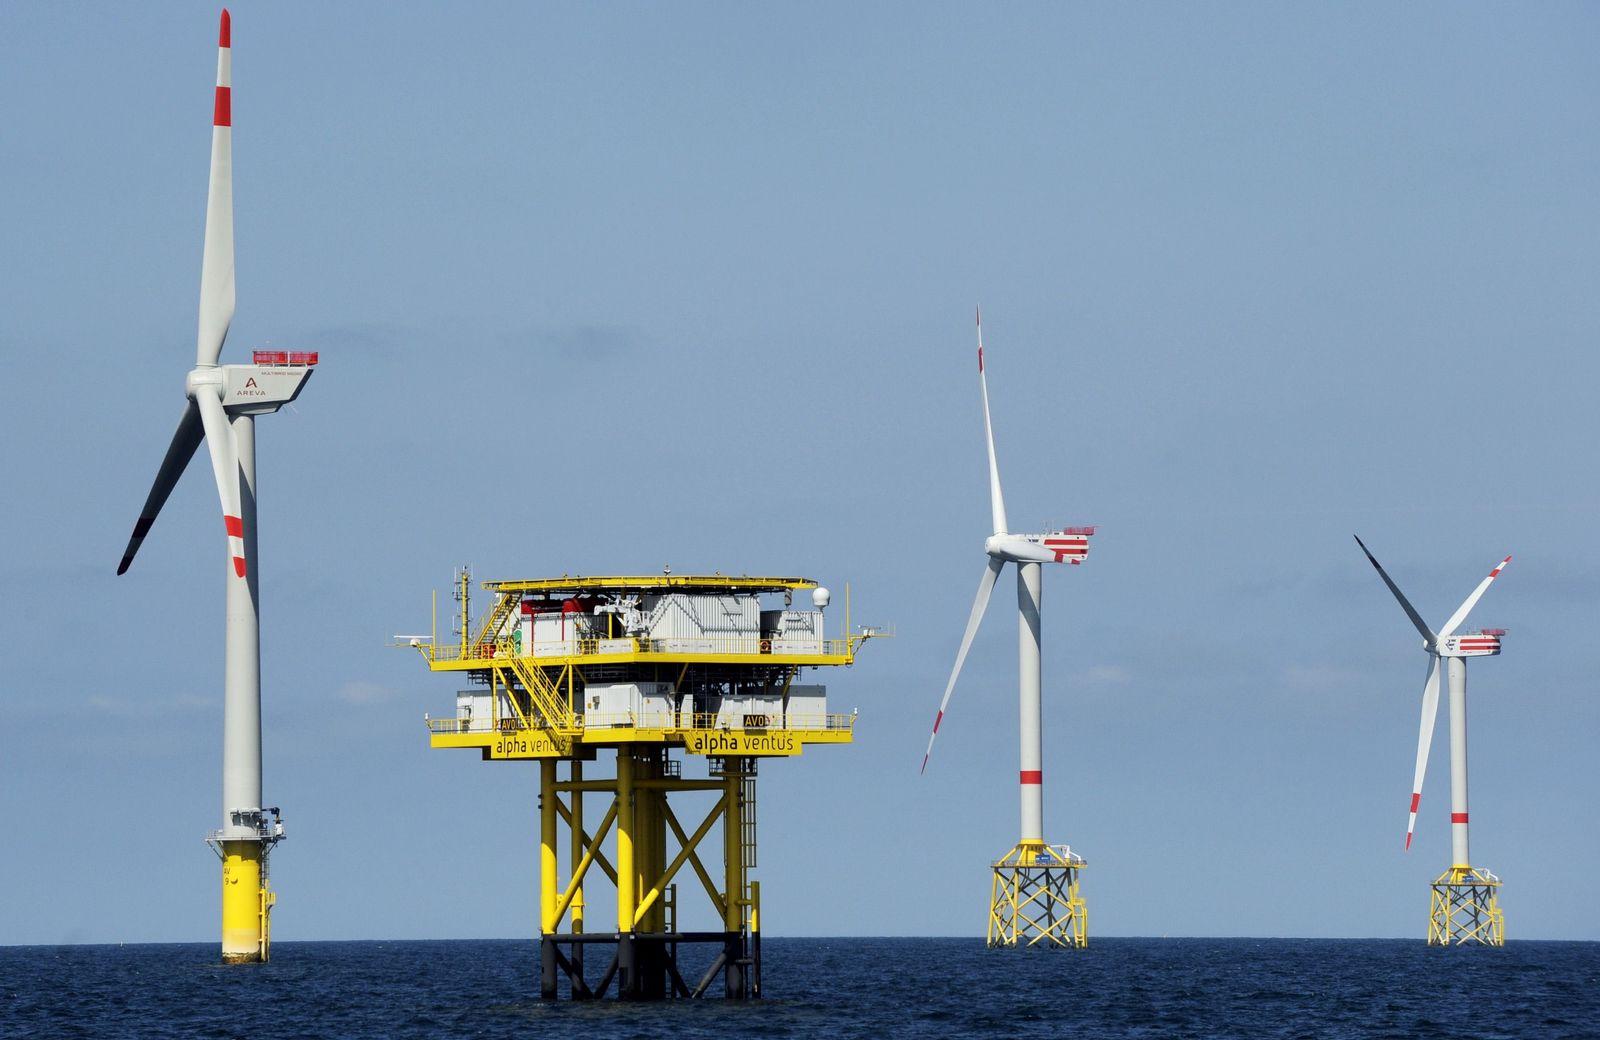 NICHT VERWENDEN Alternative Energien/ Offshore-Windpark/ alpha ventus